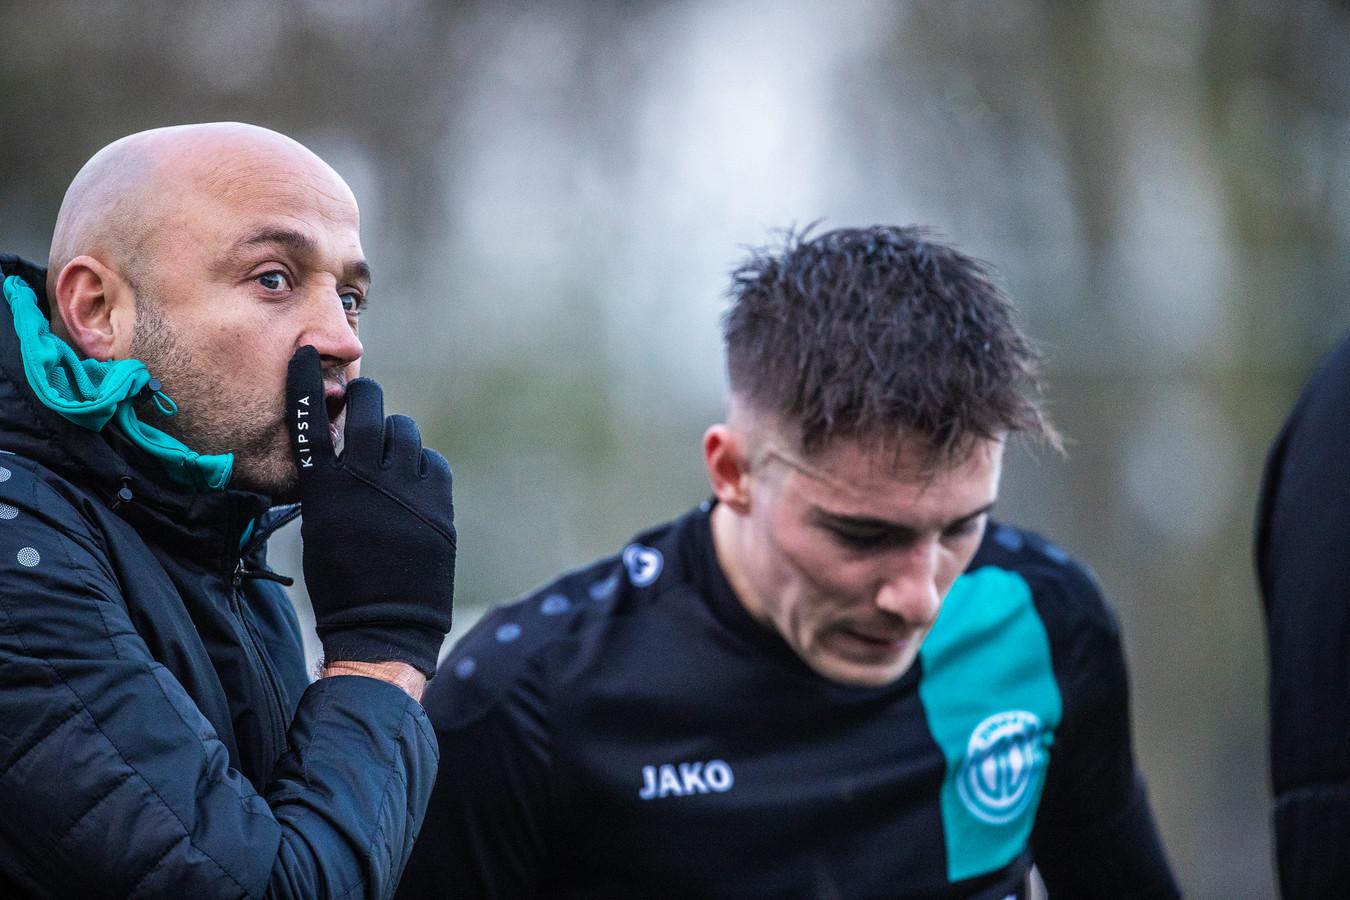 FC Dinxperlo-trainer Bas van Londen overlegt met Max Tamboer. Archieffoto Jan van den Brink